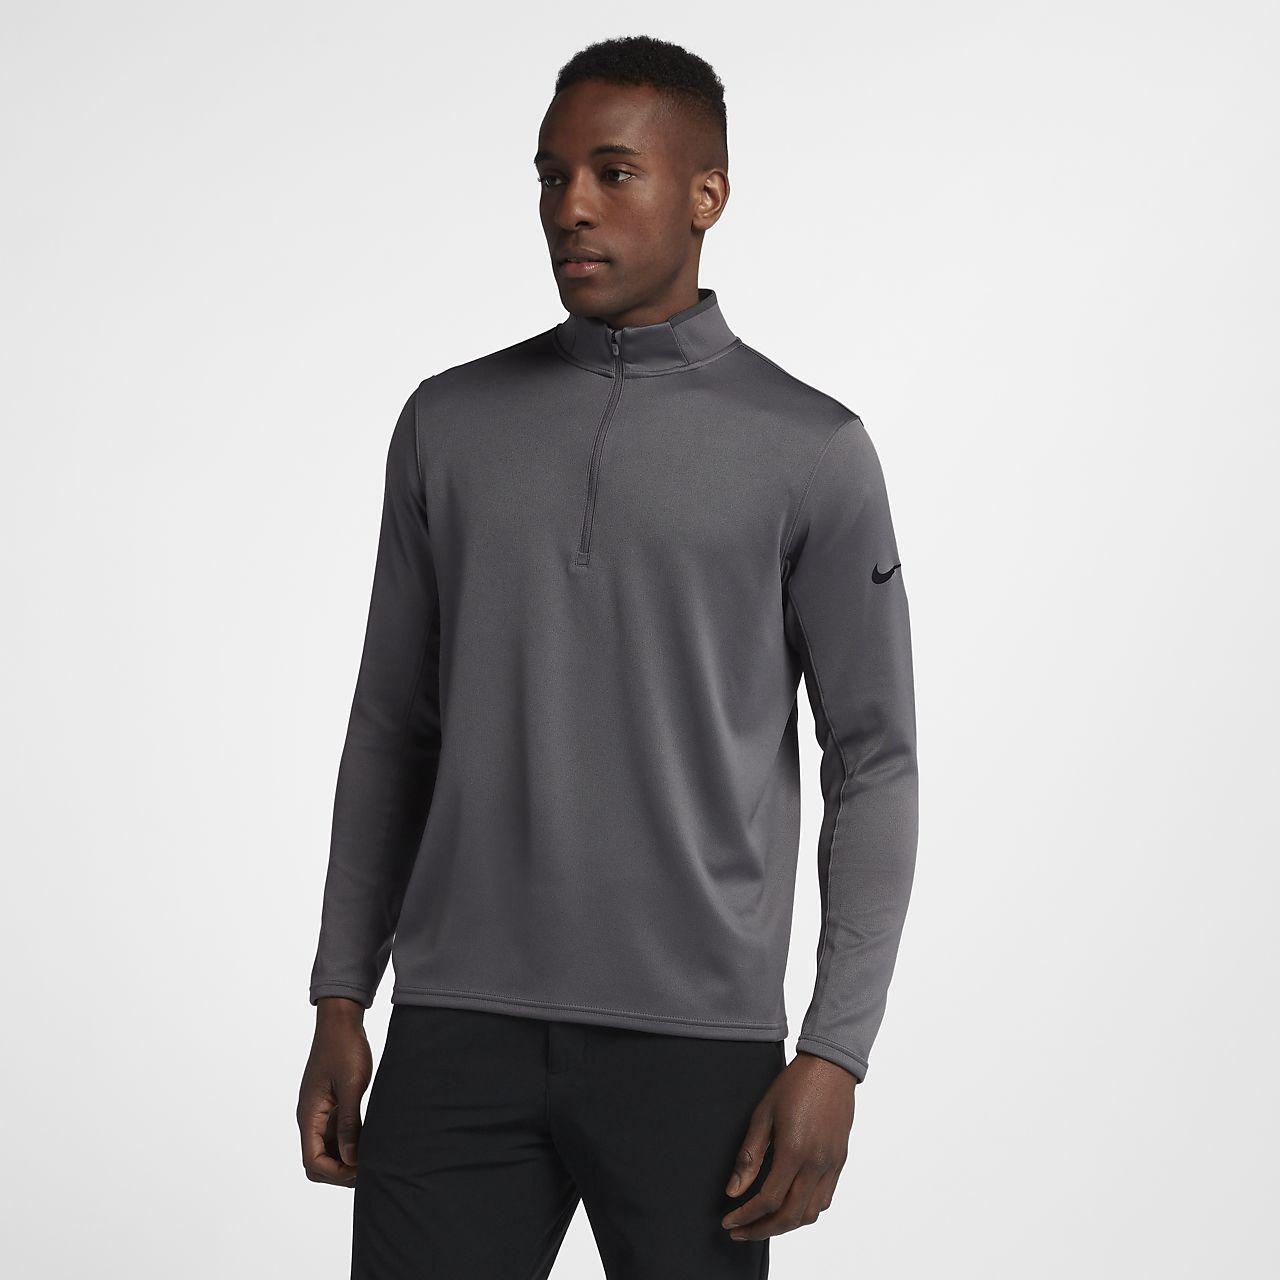 Мужская футболка для гольфа с длинным рукавом Nike Dri-FIT Half-Zip